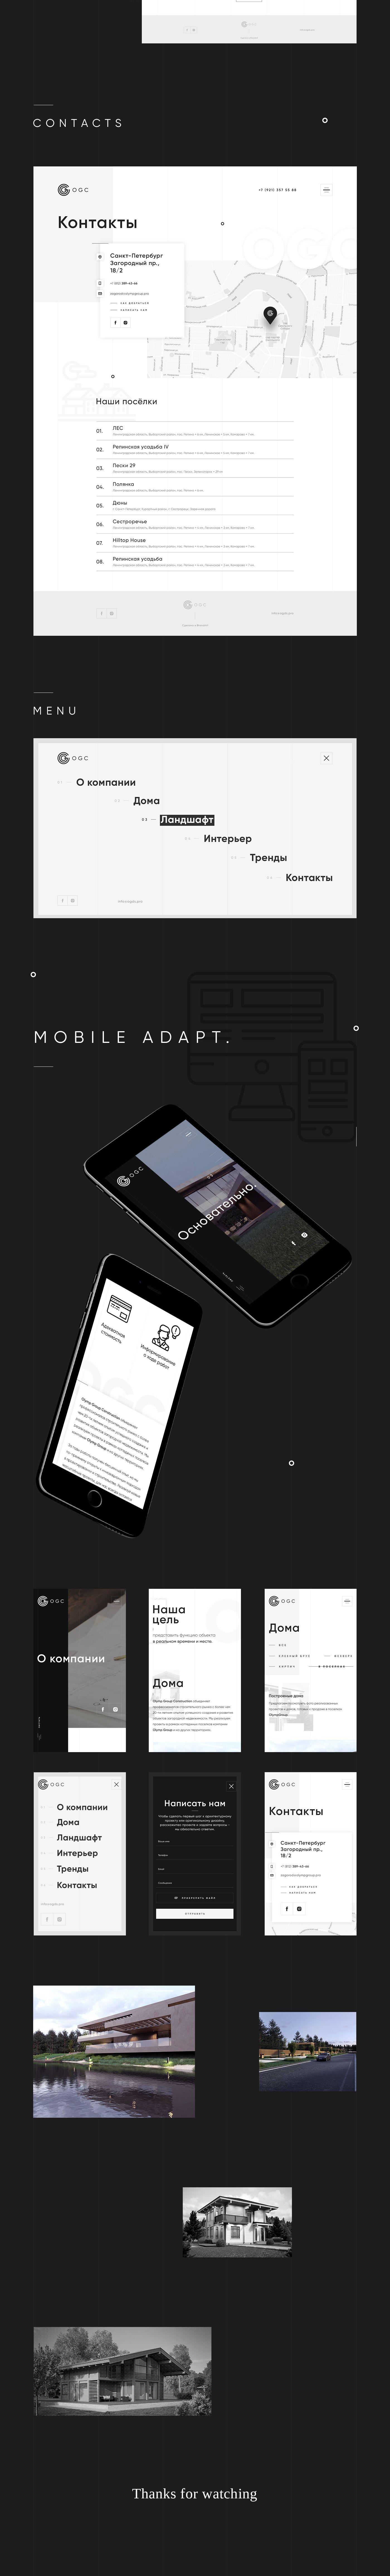 Ogc On Behance Web Design Landscaping Company Design